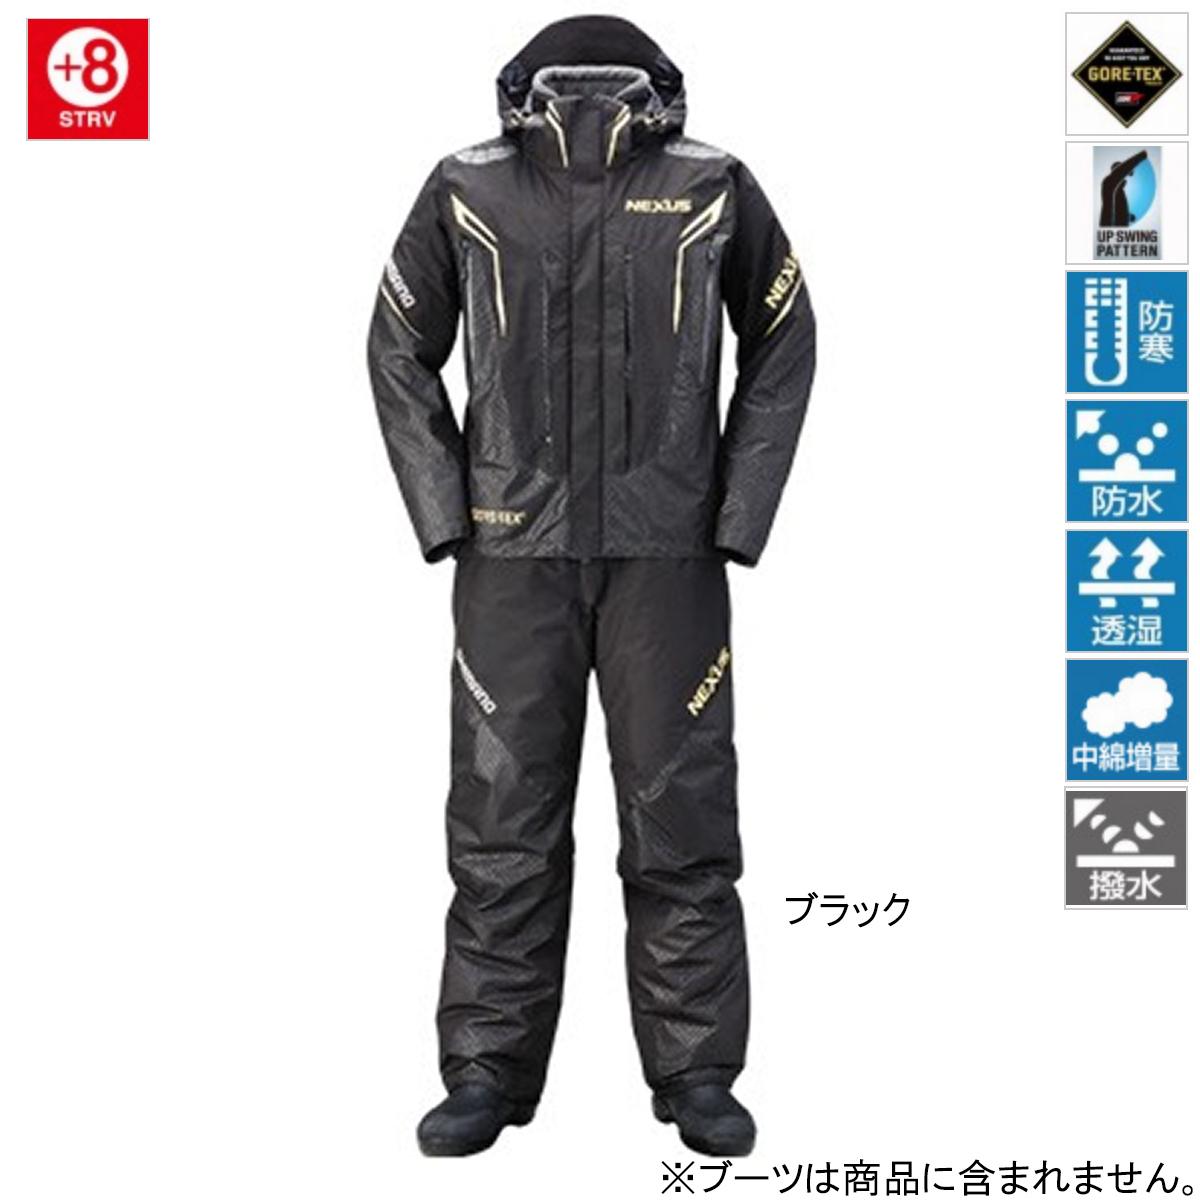 シマノ NEXUS・GORE-TEX コールドウェザースーツ EX RB-119R L ブラック(東日本店)